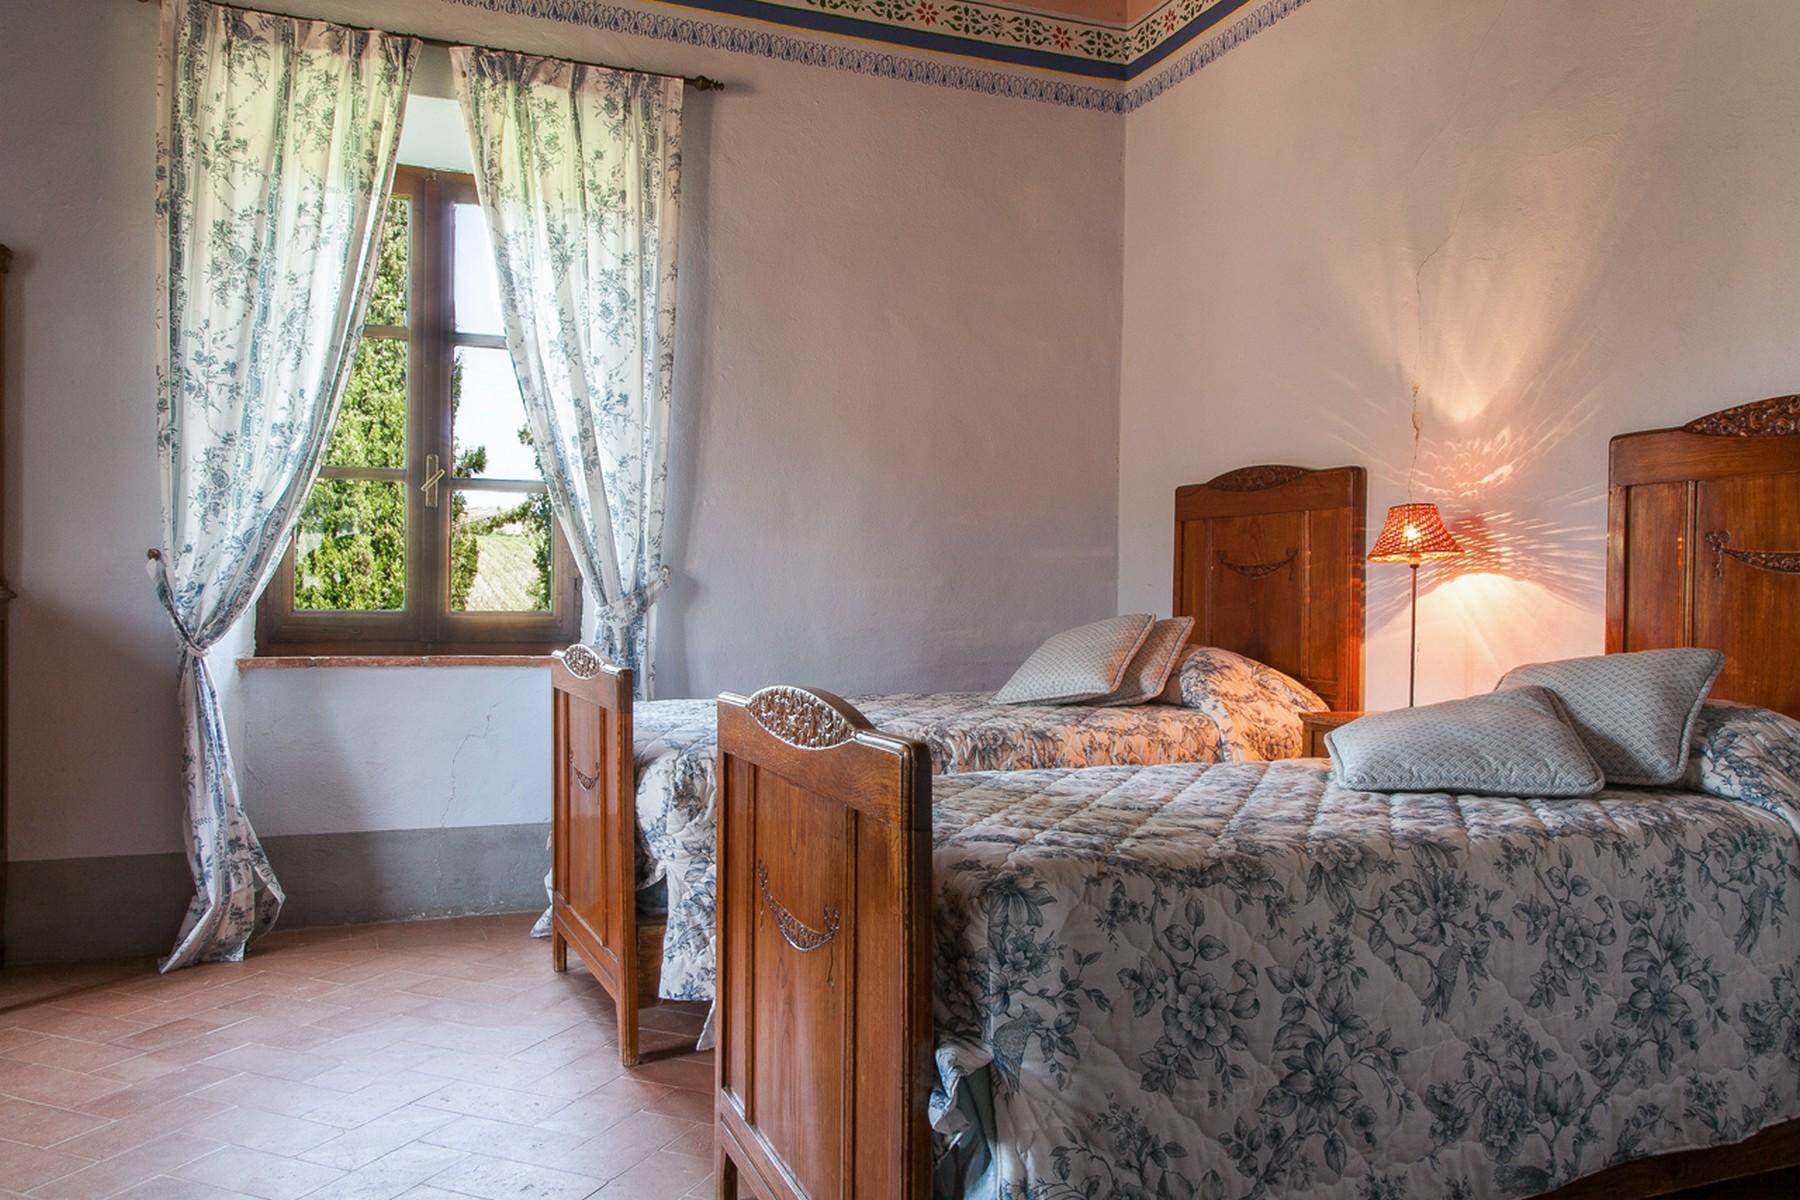 Rustico in Vendita a Montalcino: 5 locali, 900 mq - Foto 19